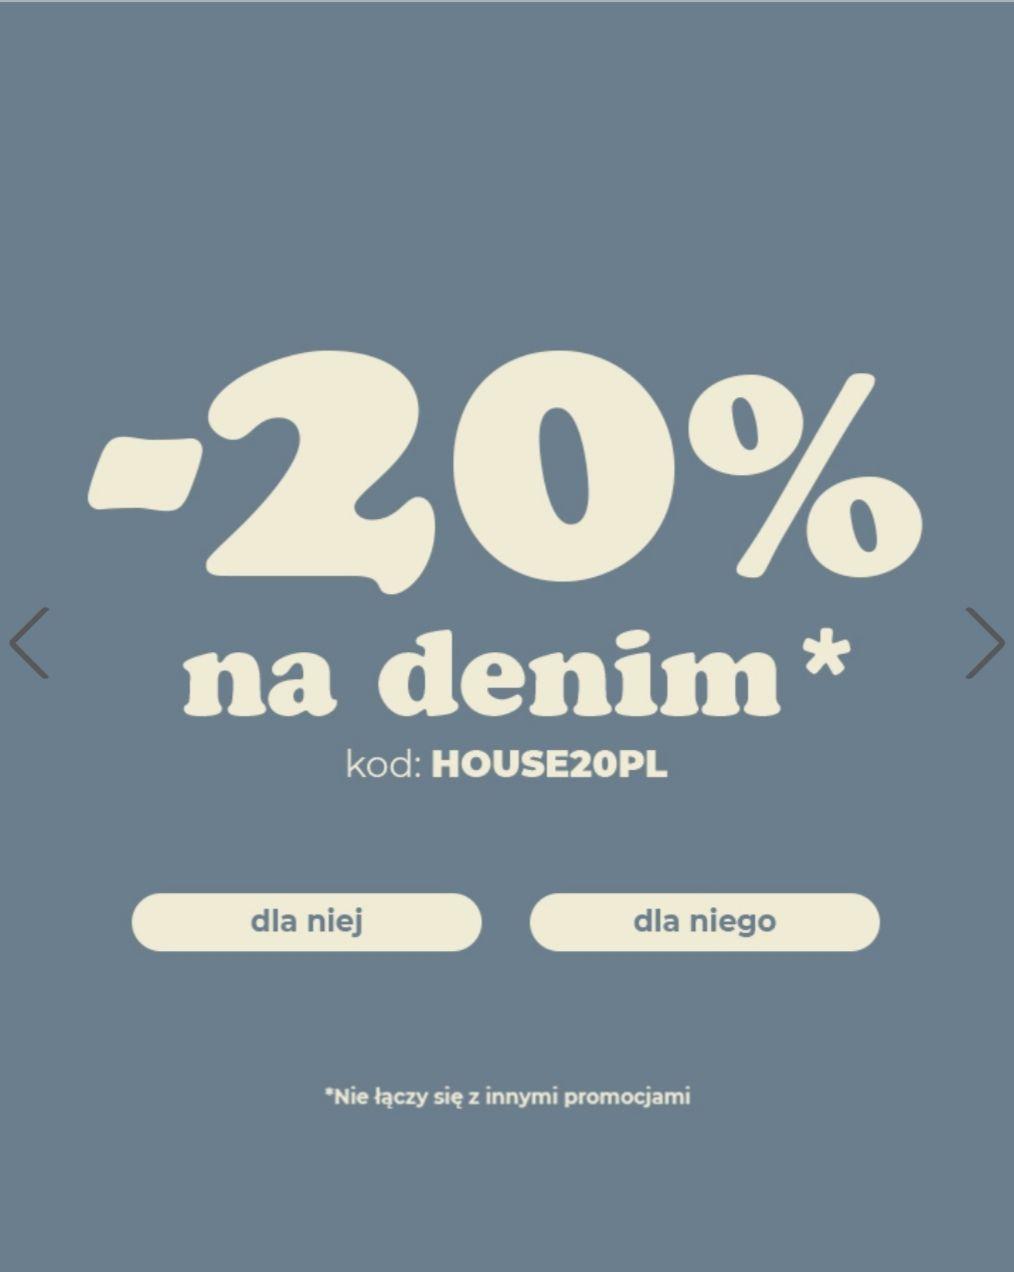 Denim Days - 20% w House, np. Denim owa kurtka męska